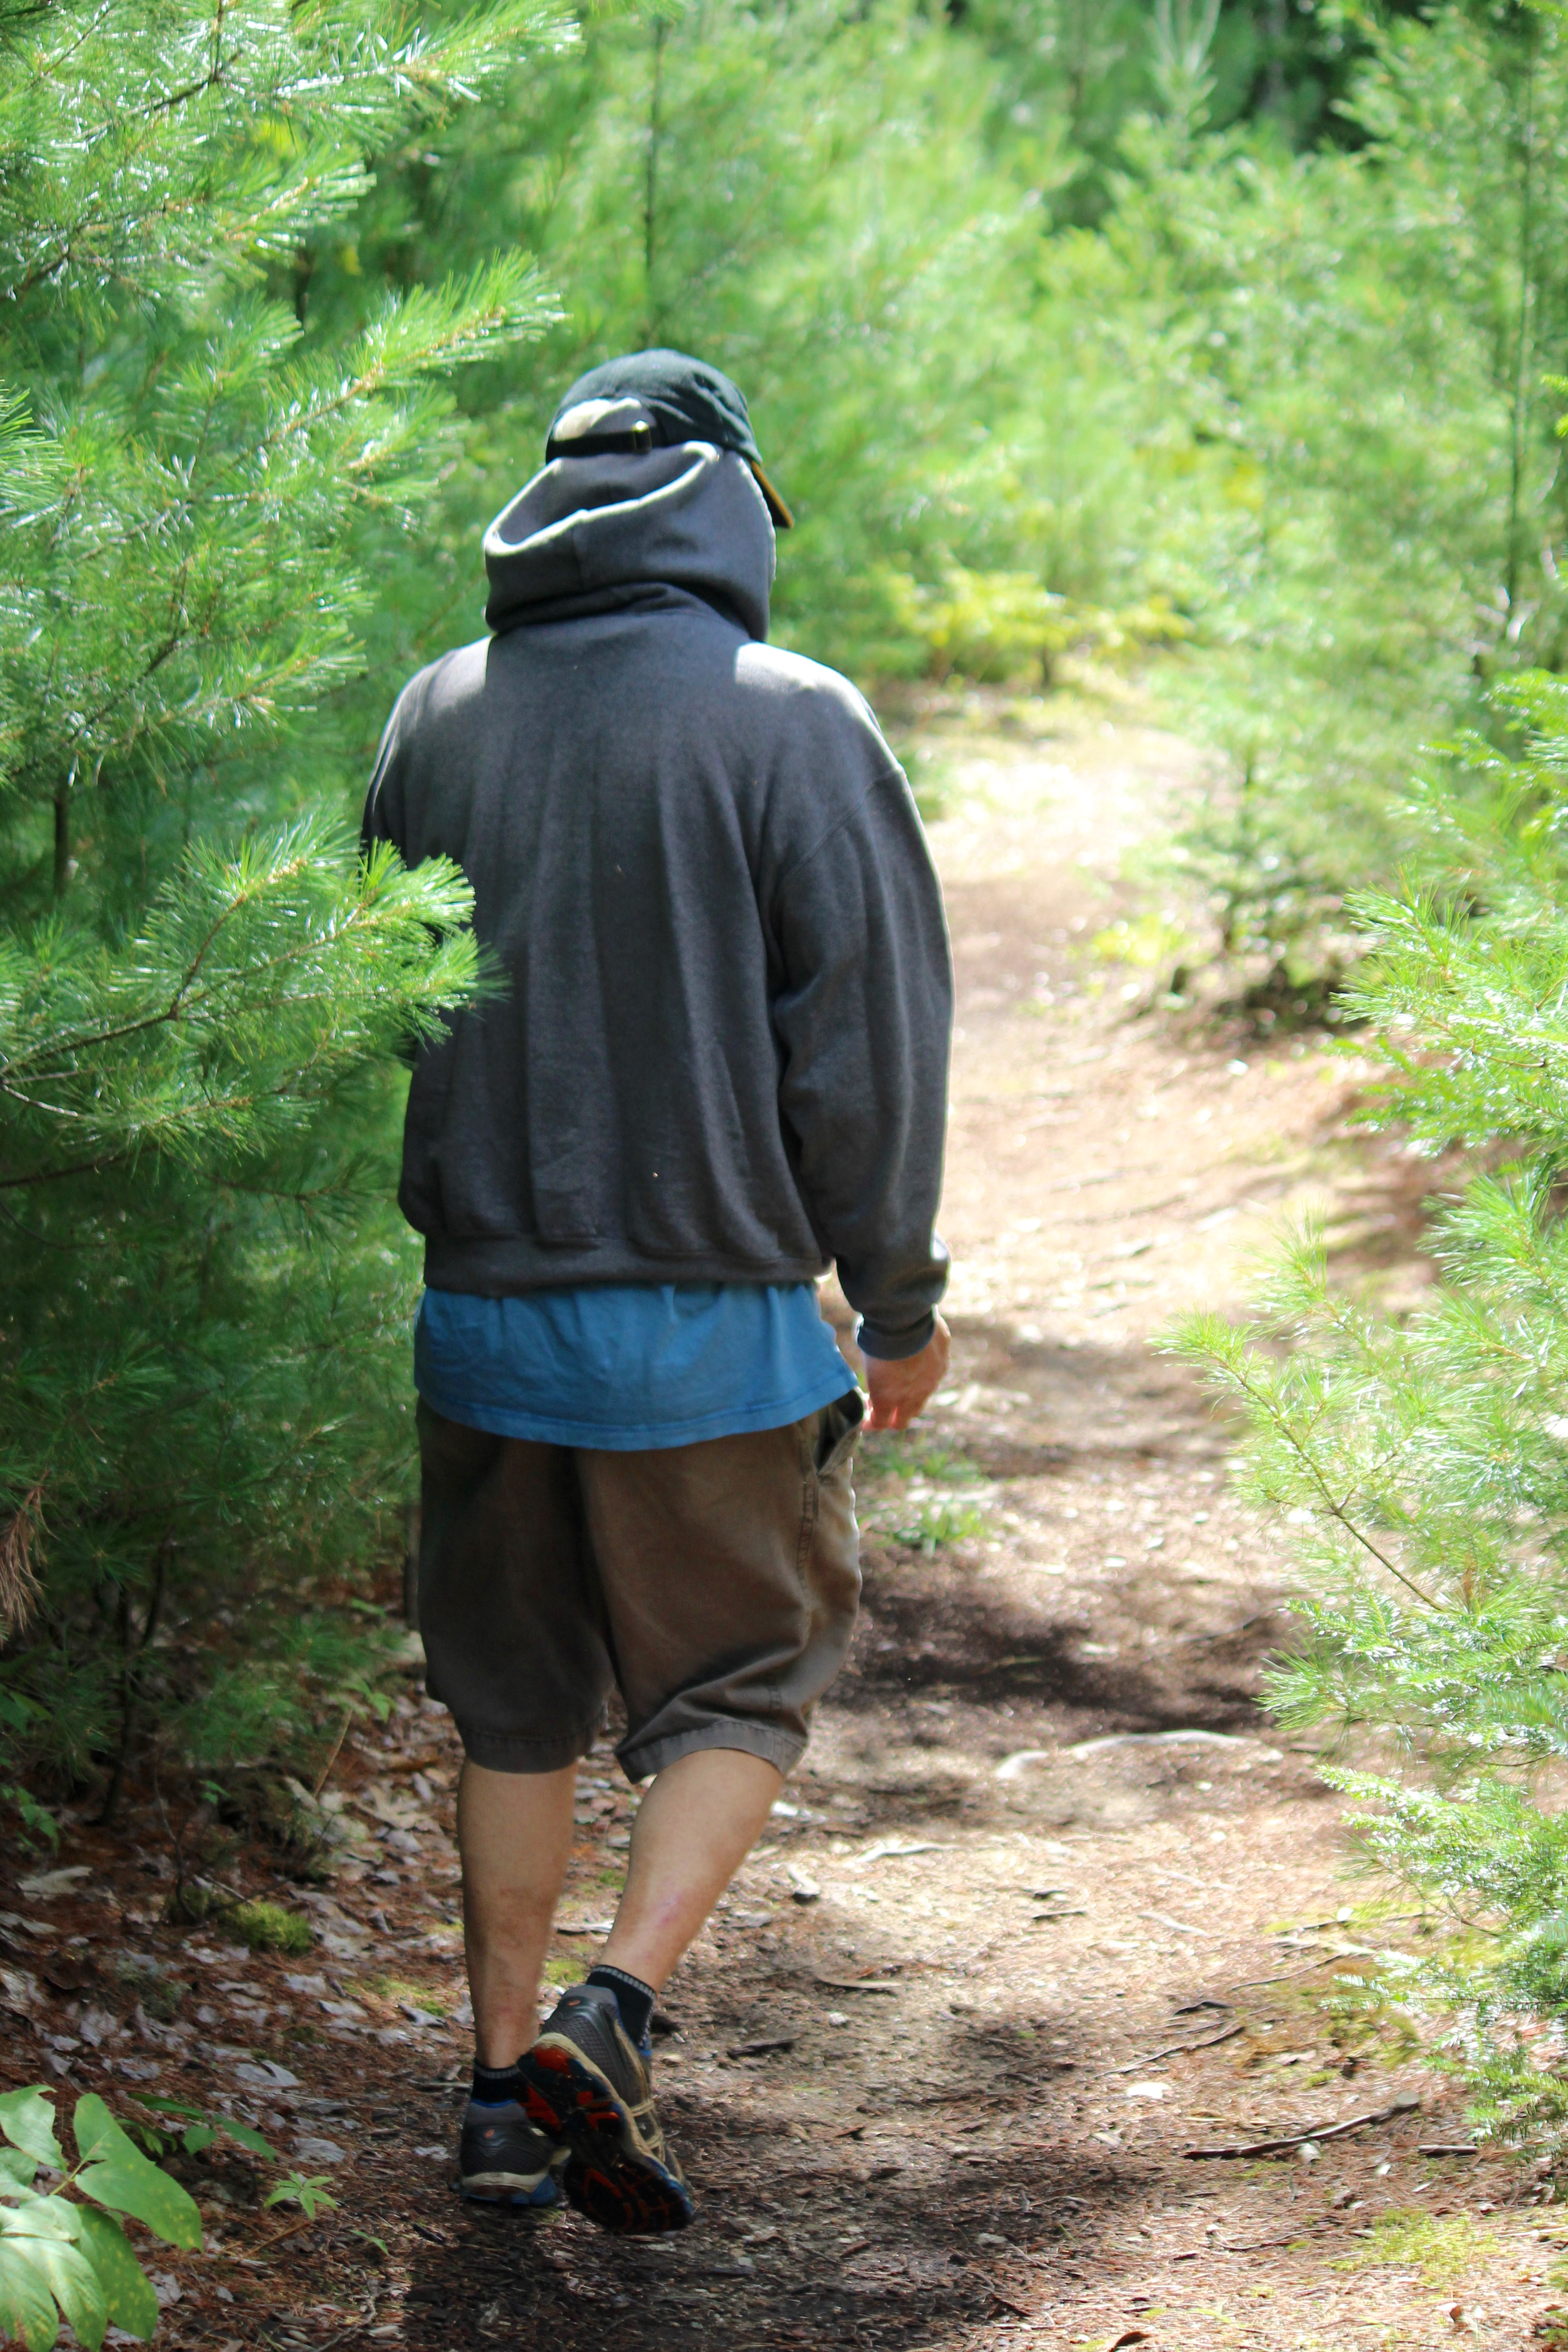 n Witt Swamp evergreens